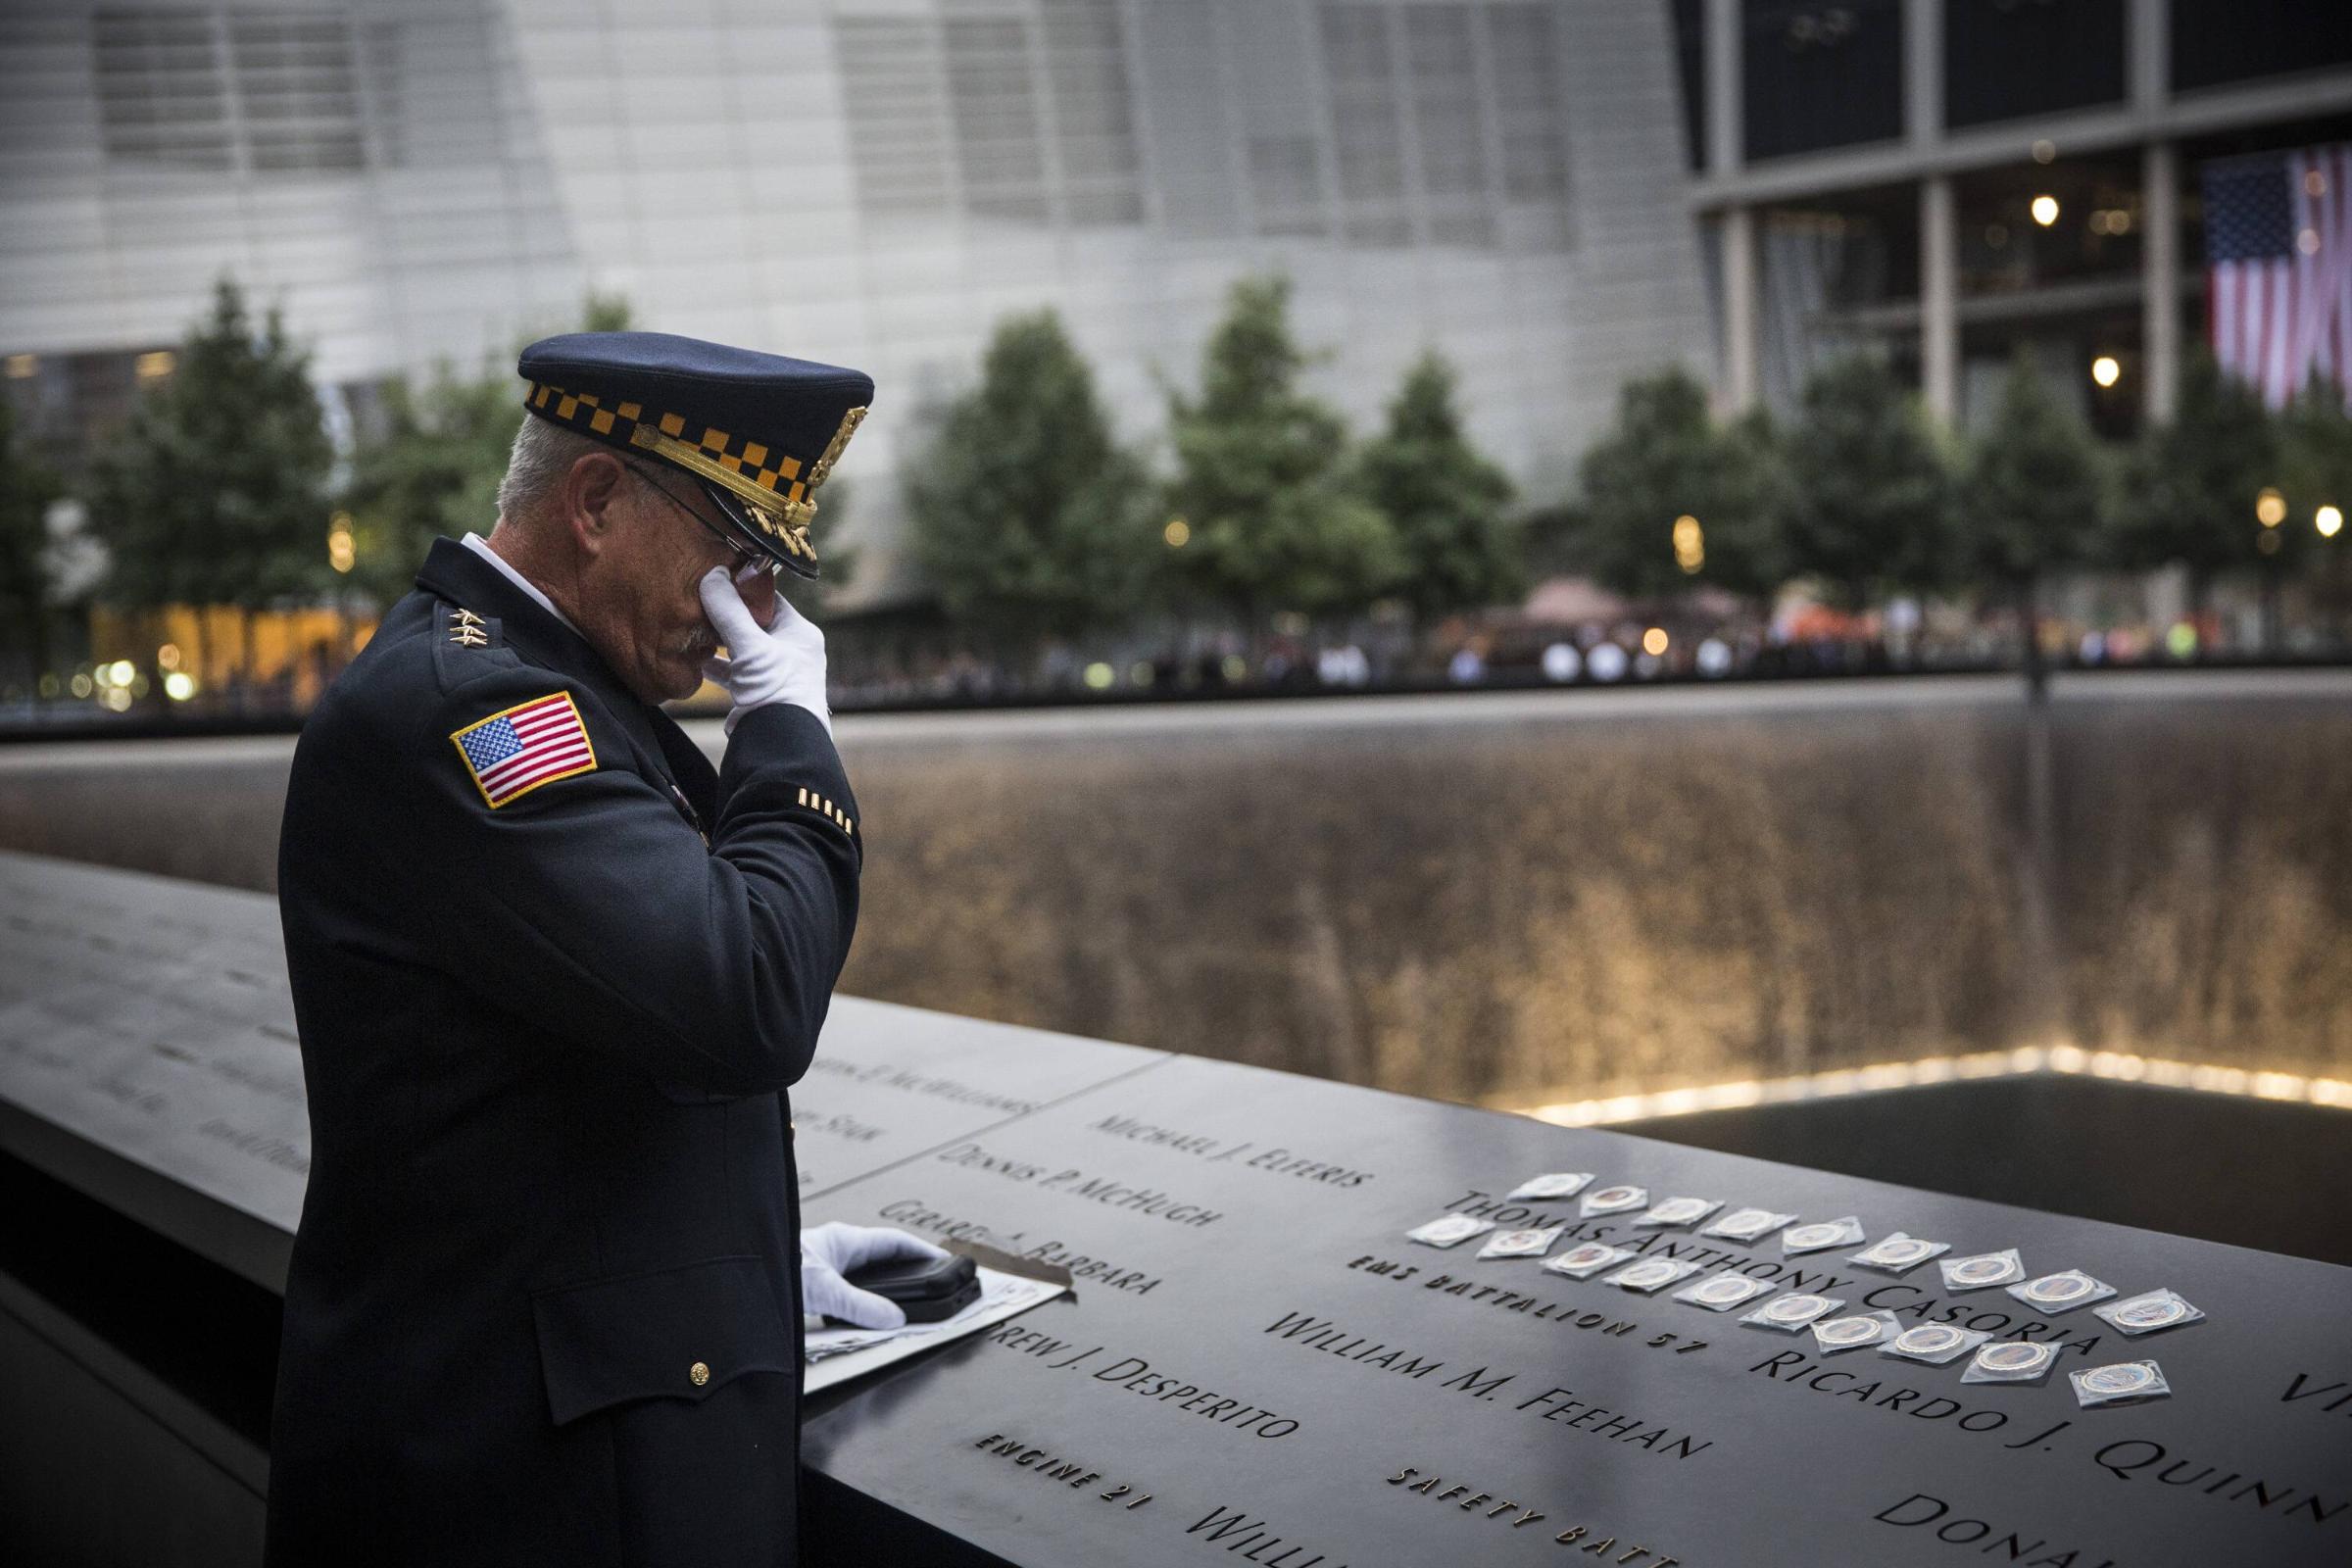 Ehemaliger Polizist trauert vor dem National September 11 Memorial